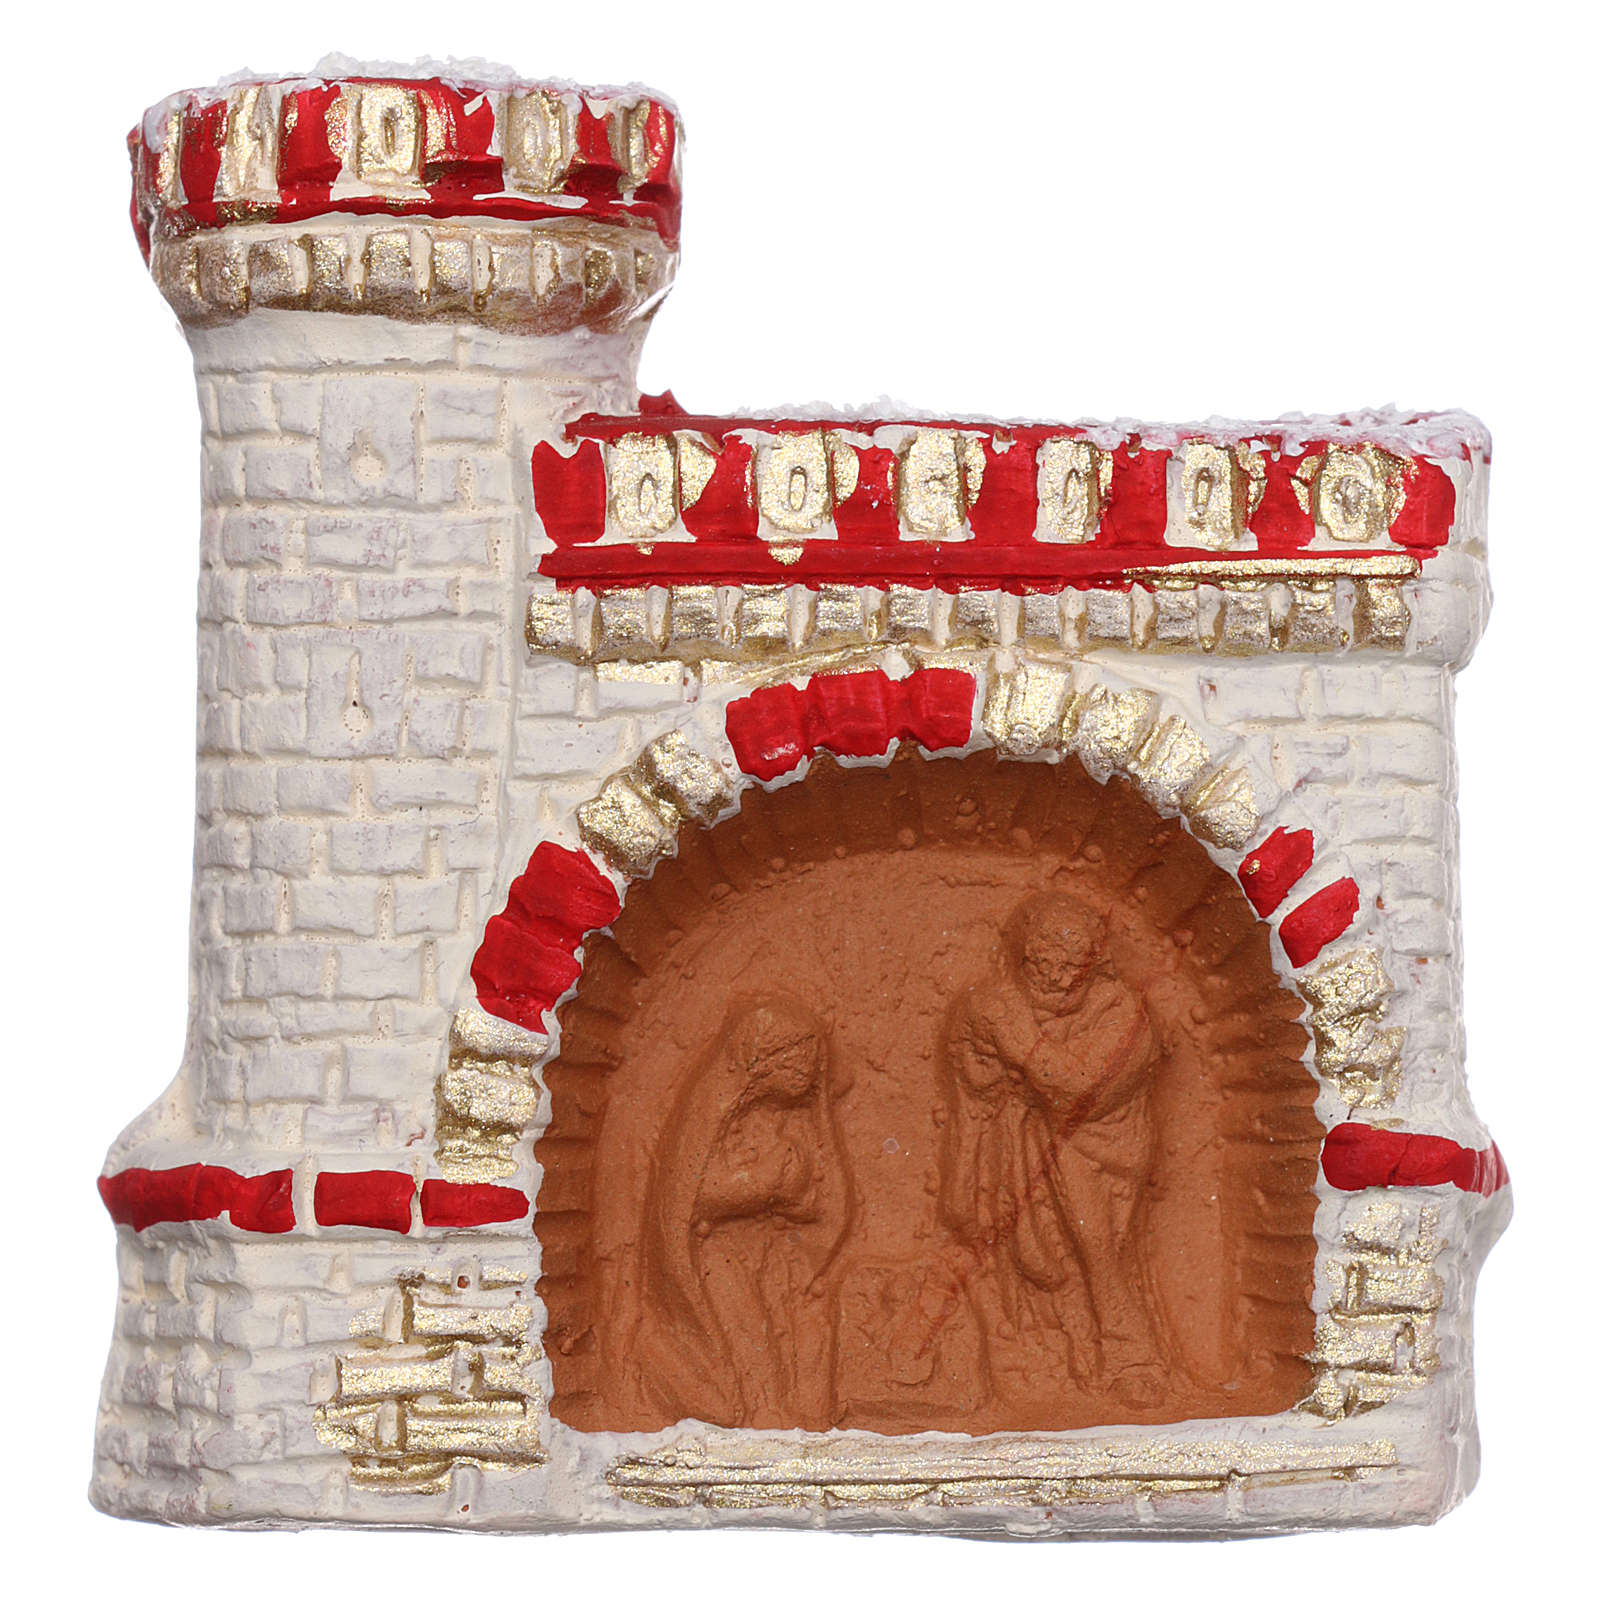 Aimant terre cuite Deruta château rouge et or Nativité 3